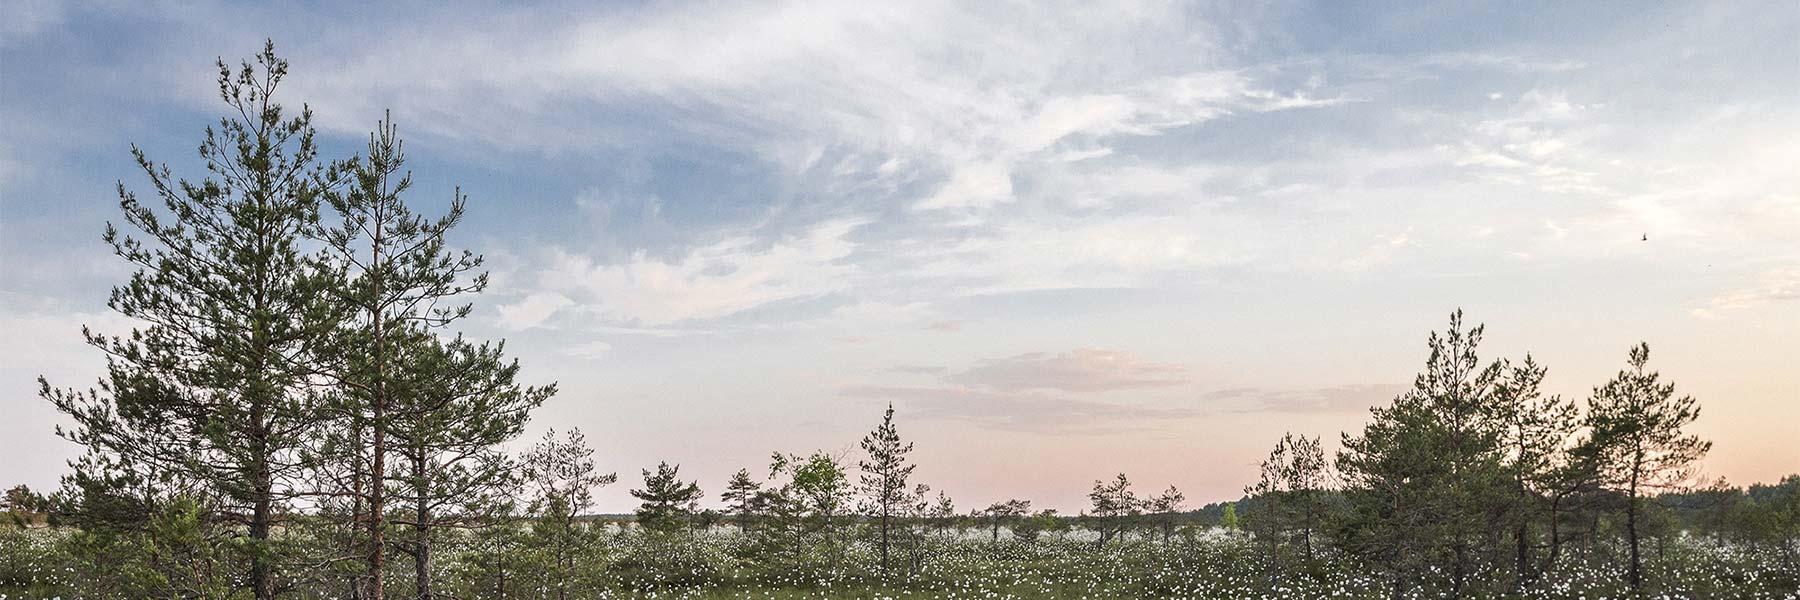 caroline_sada_landscape